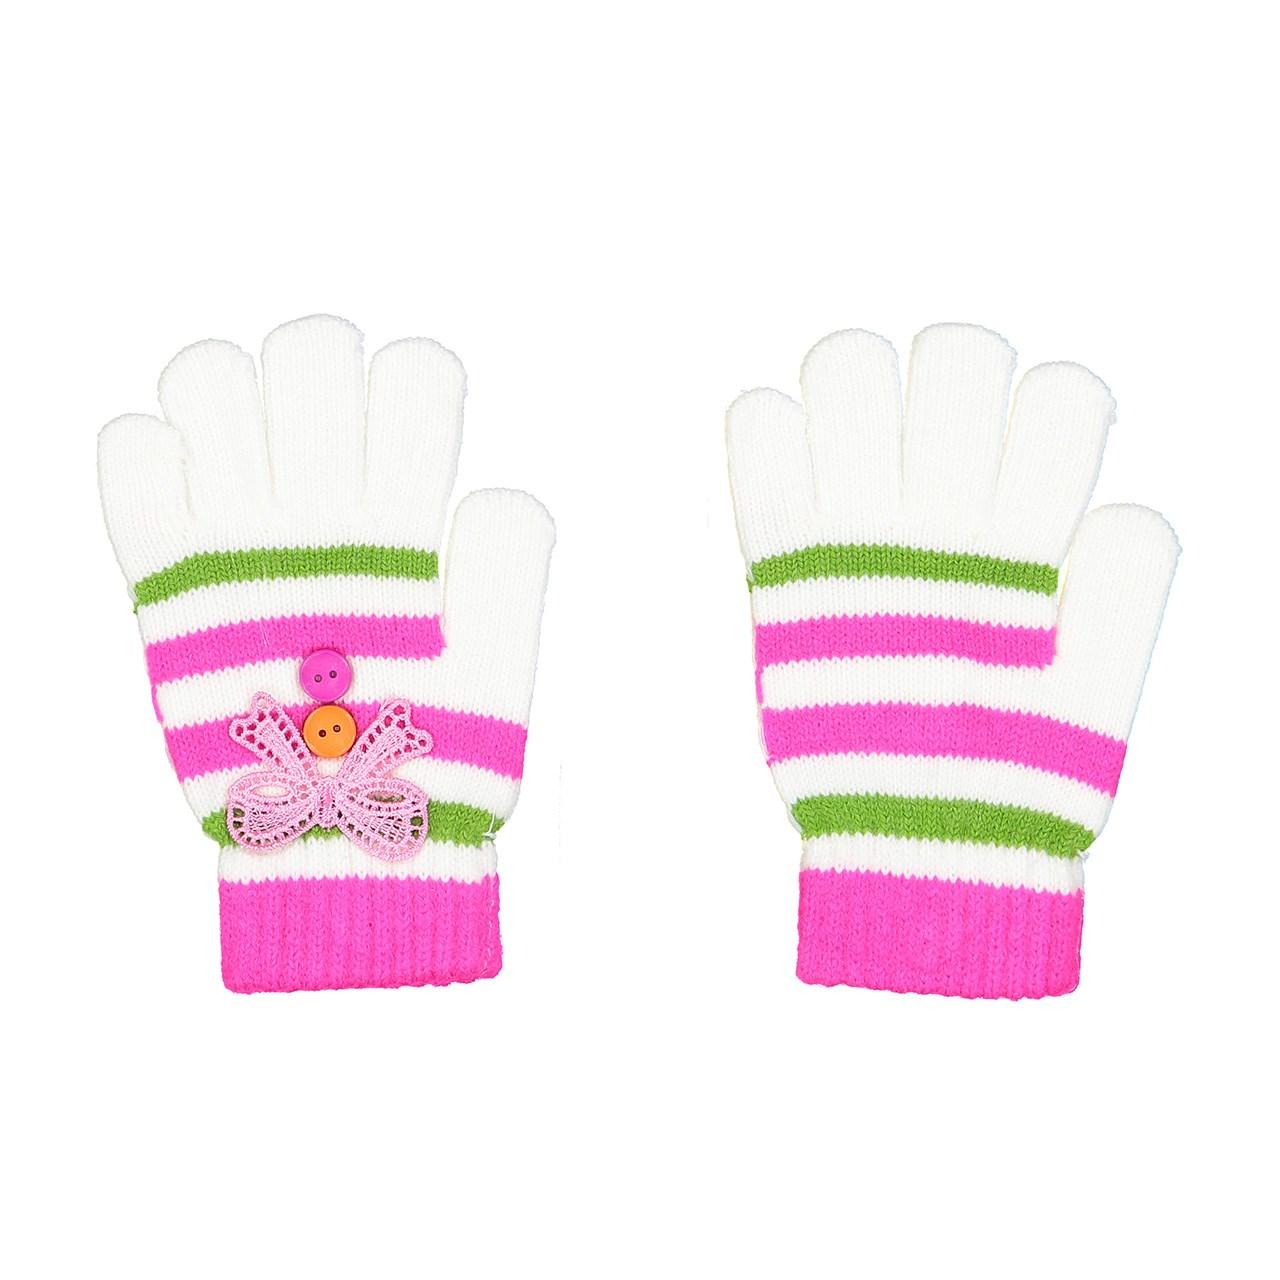 دستکش دخترانه پی جامه مدل 2-301 مناسب برای 4 تا 7 سال